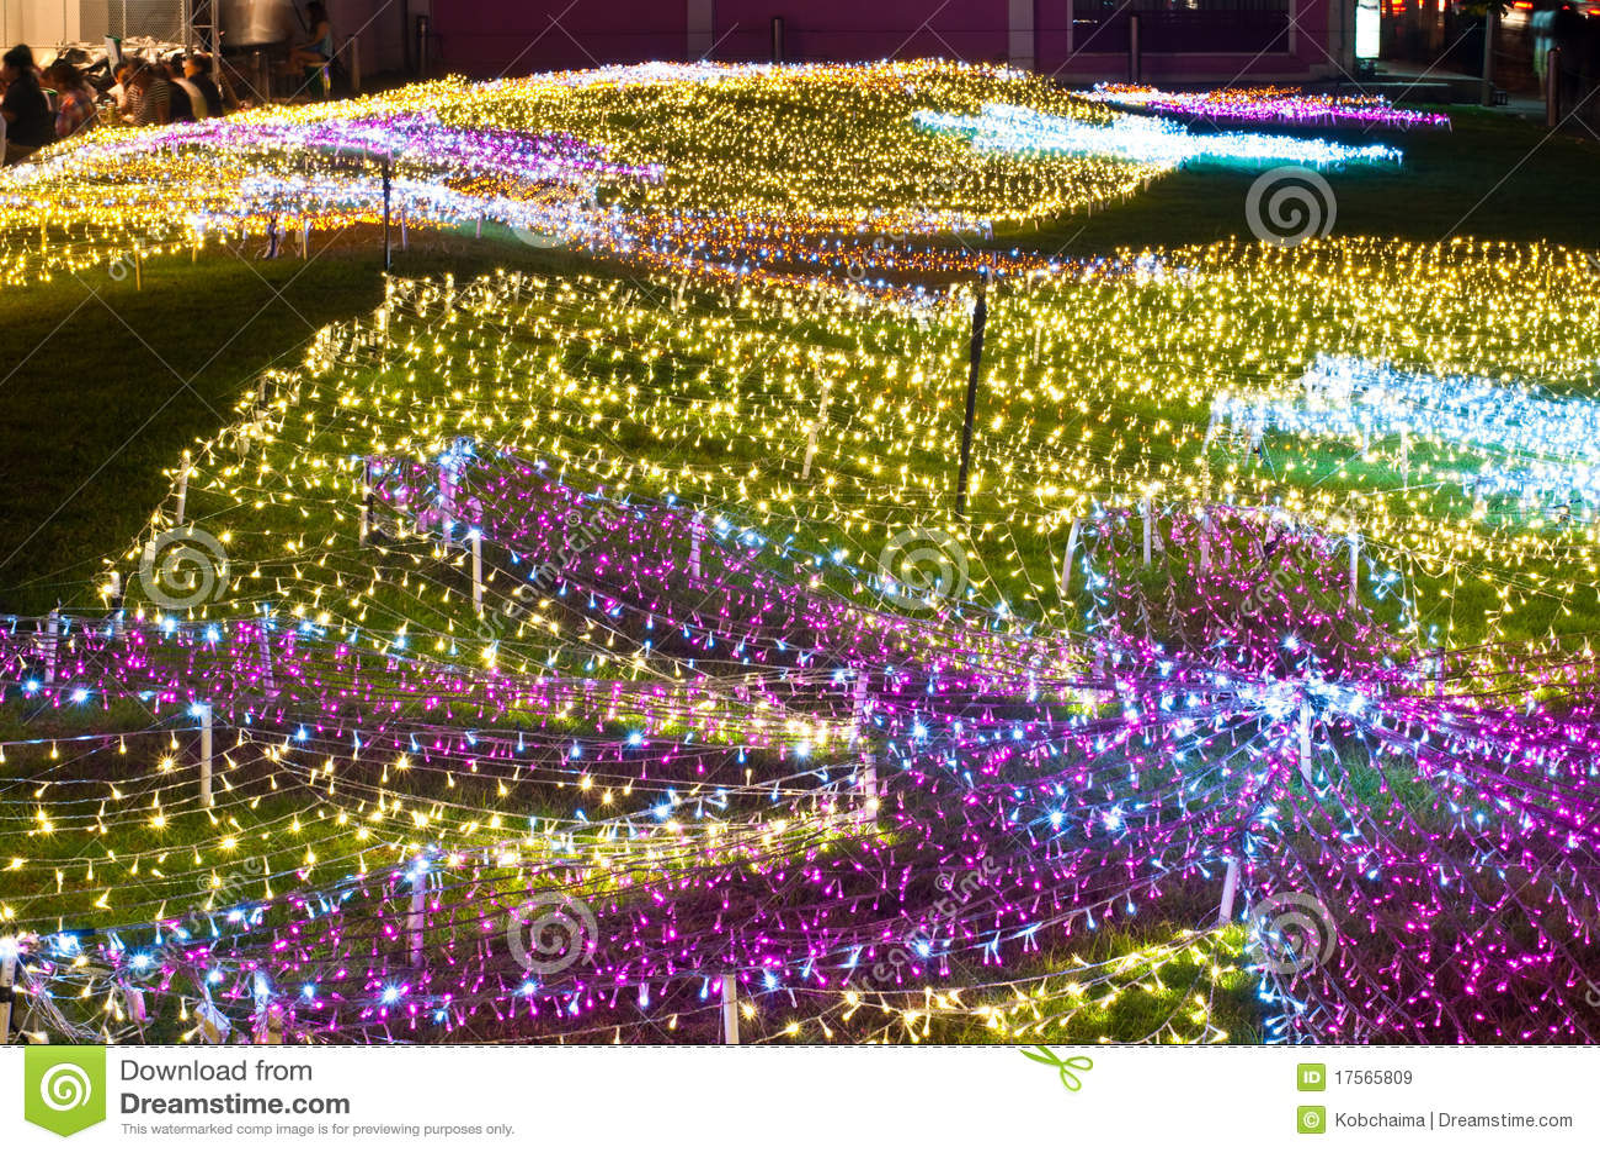 decoracao para lampadas : decoracao para lampadas:Decoração de lâmpadas pequenas no assoalho da grama, Tailândia.